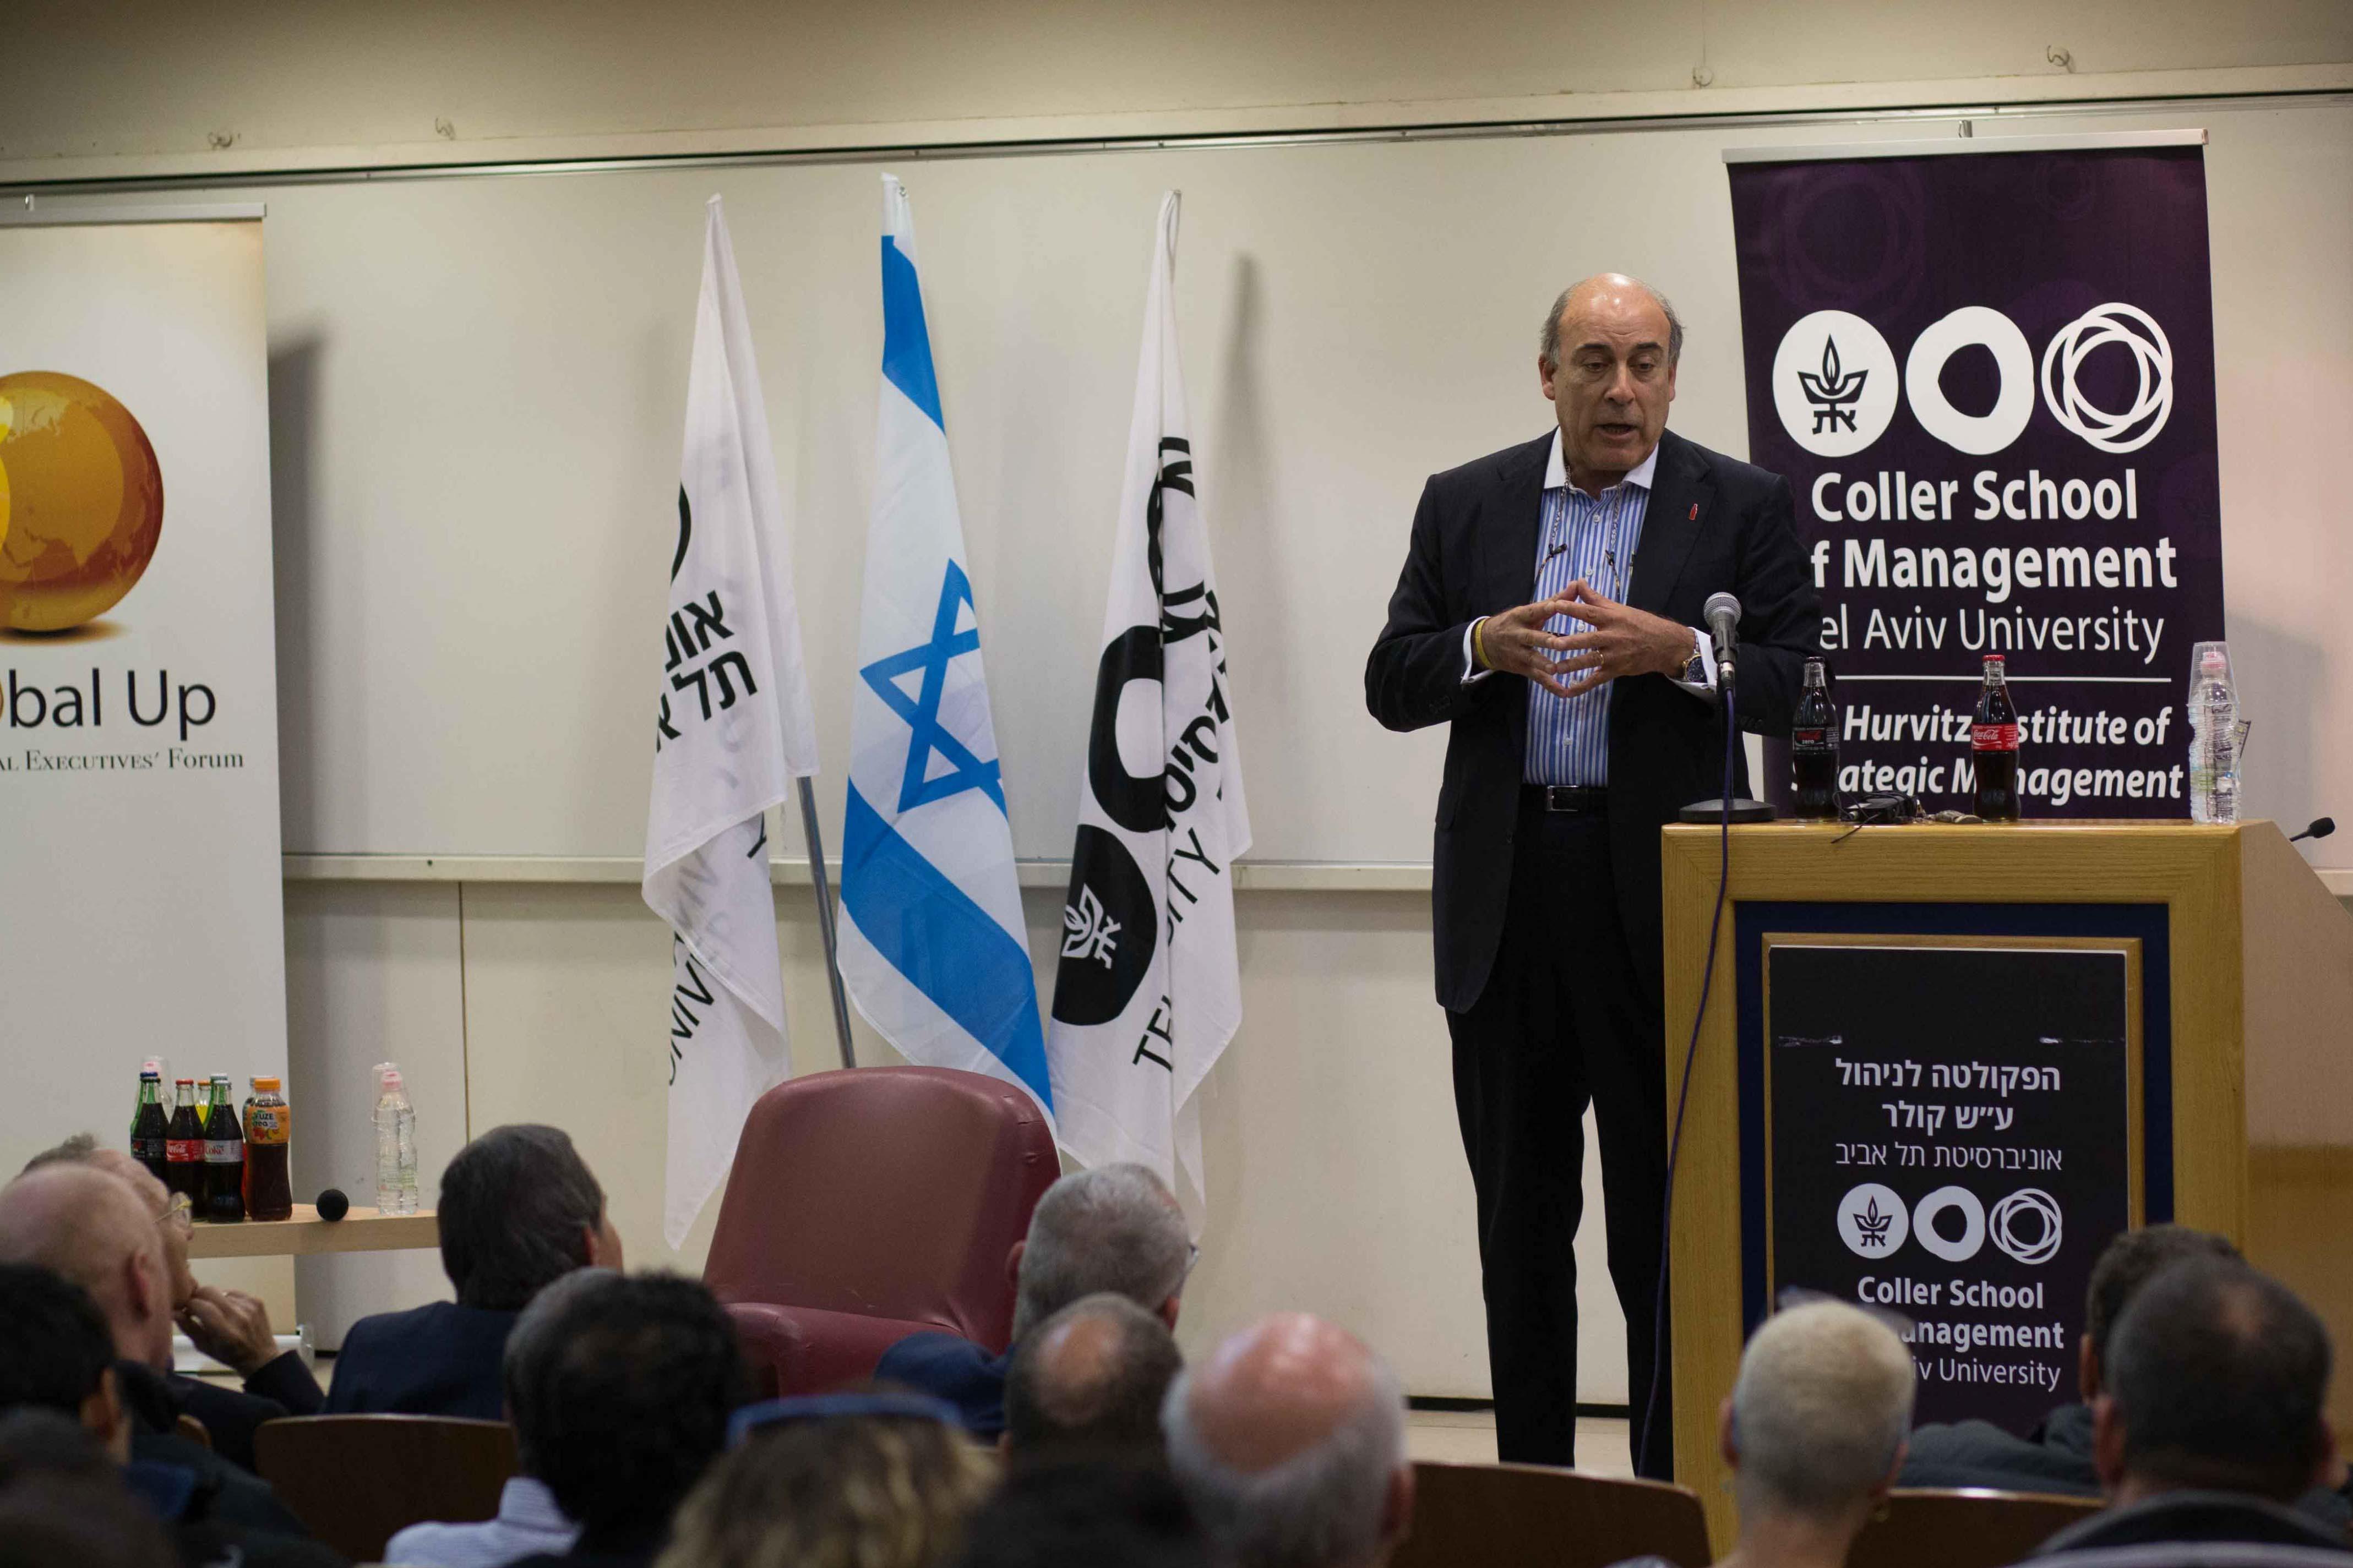 הרצאה בכנס קוקה קולה